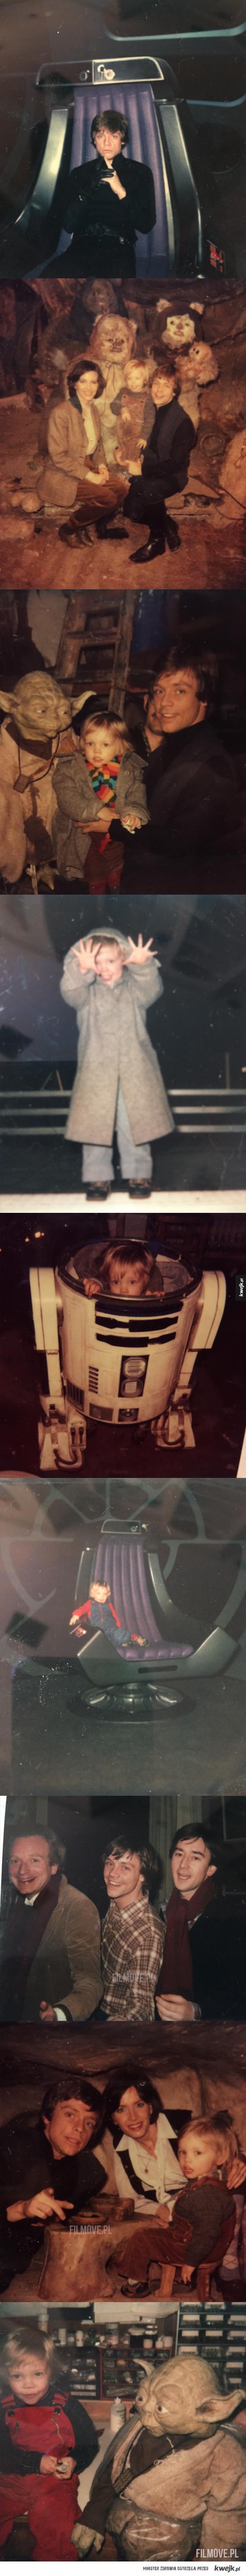 Prywatne zdjęcia Marka Hamilla z planu Gwiezdnych Wojen